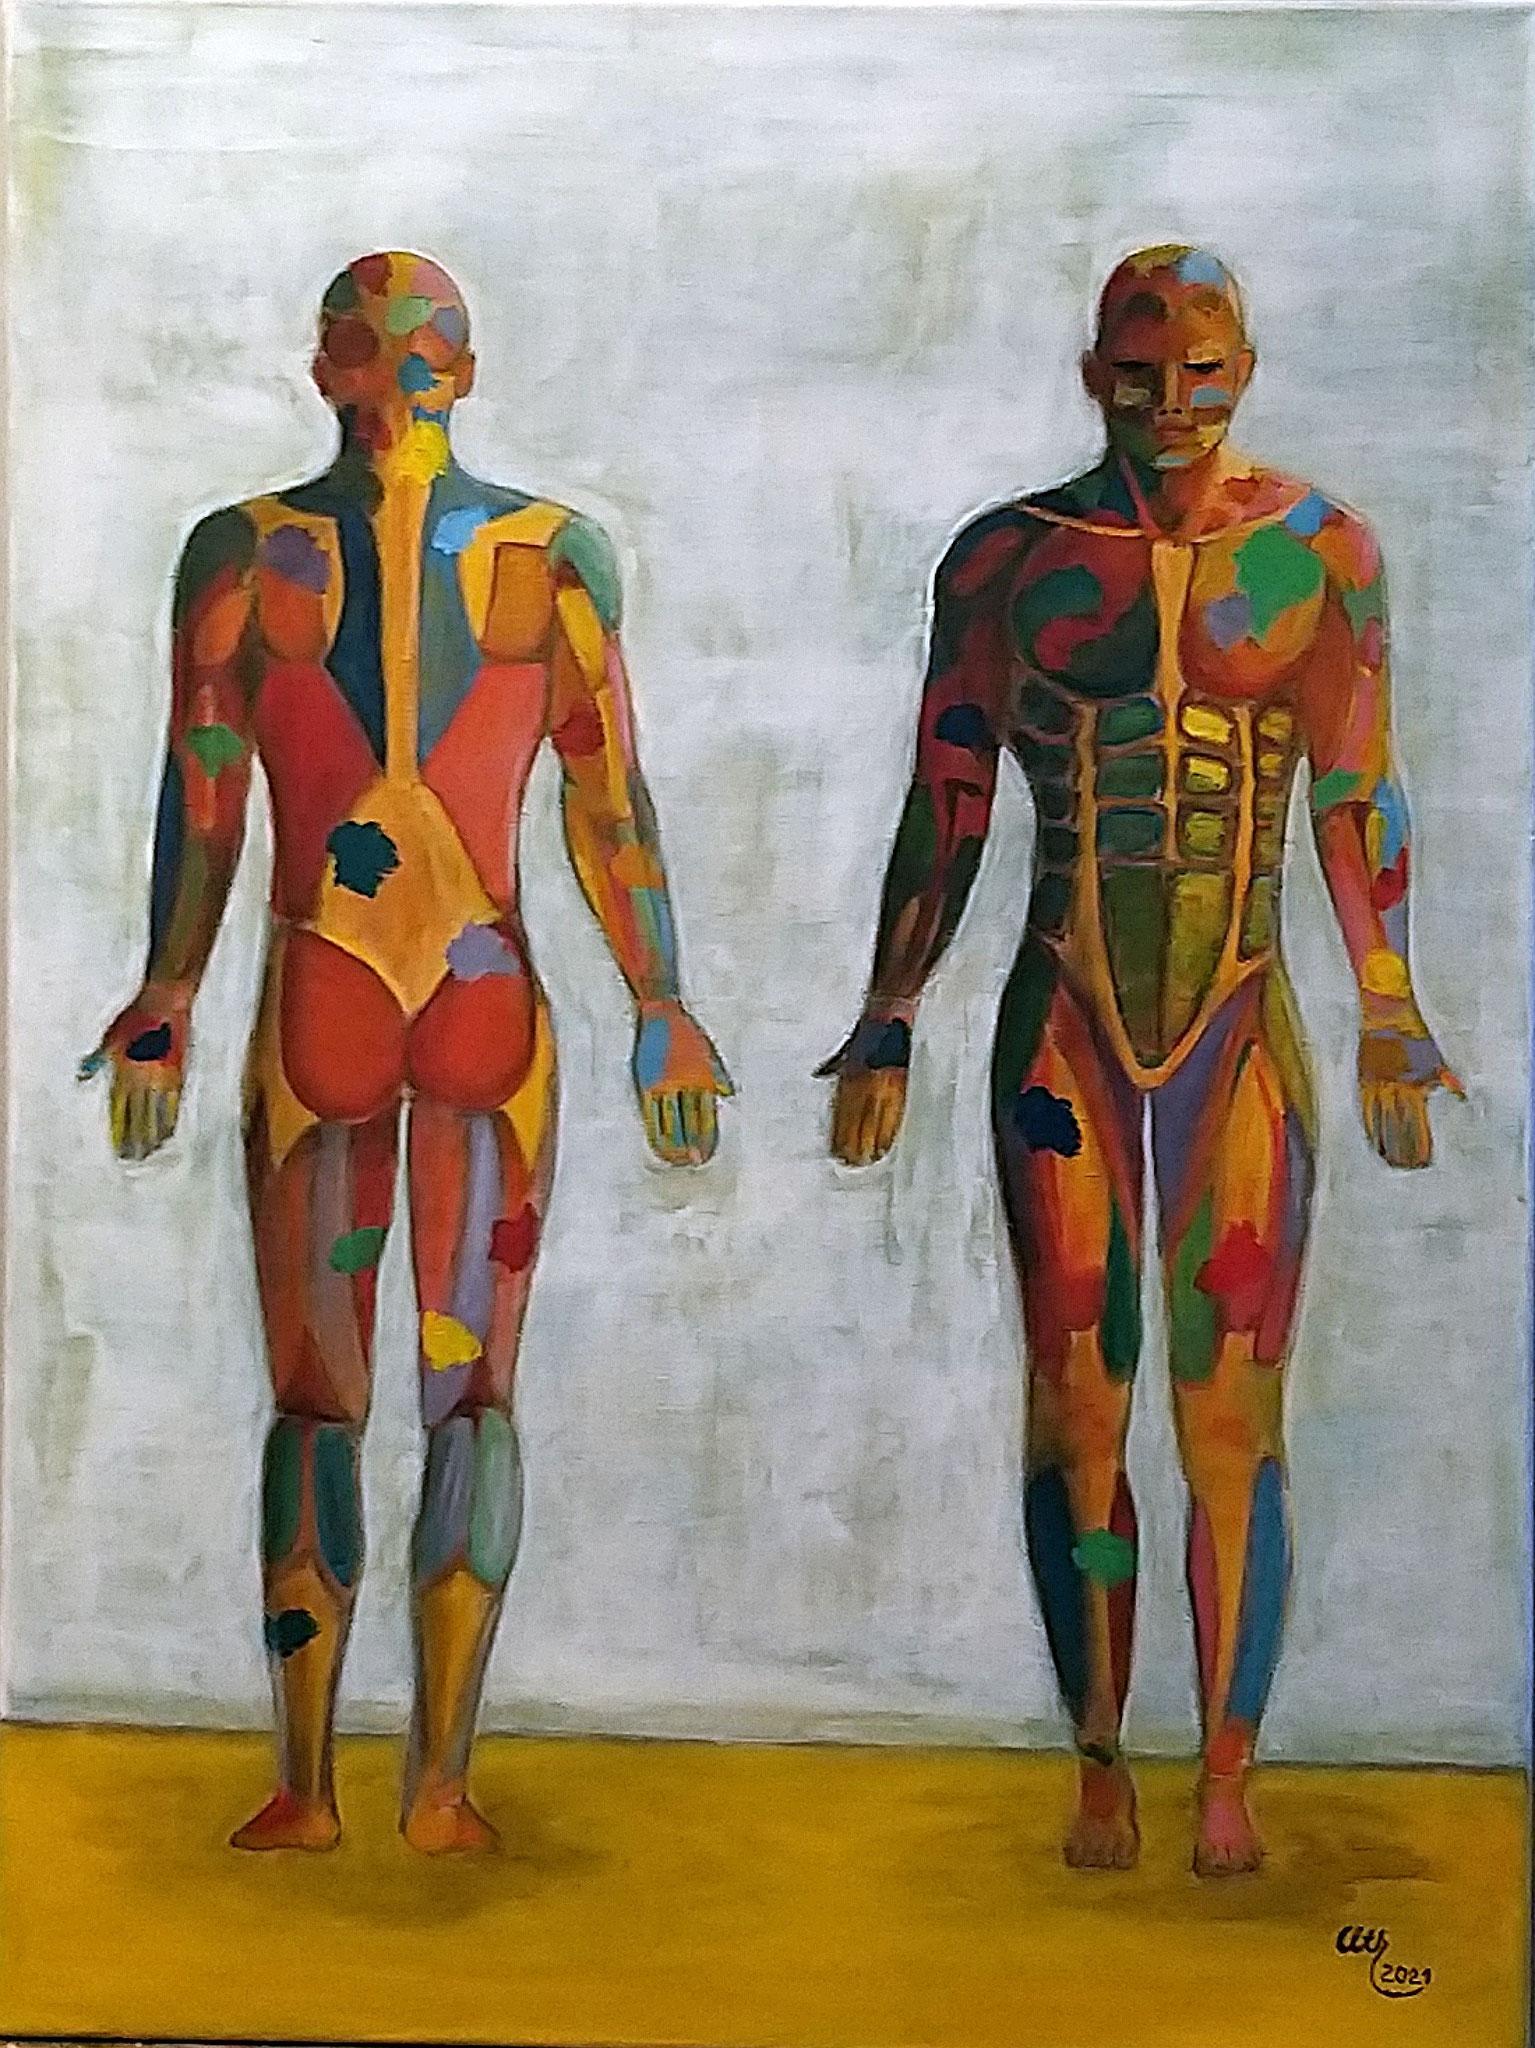 Anatomie, 60 x 80 cm, Acryl auf Leinwand, 2021